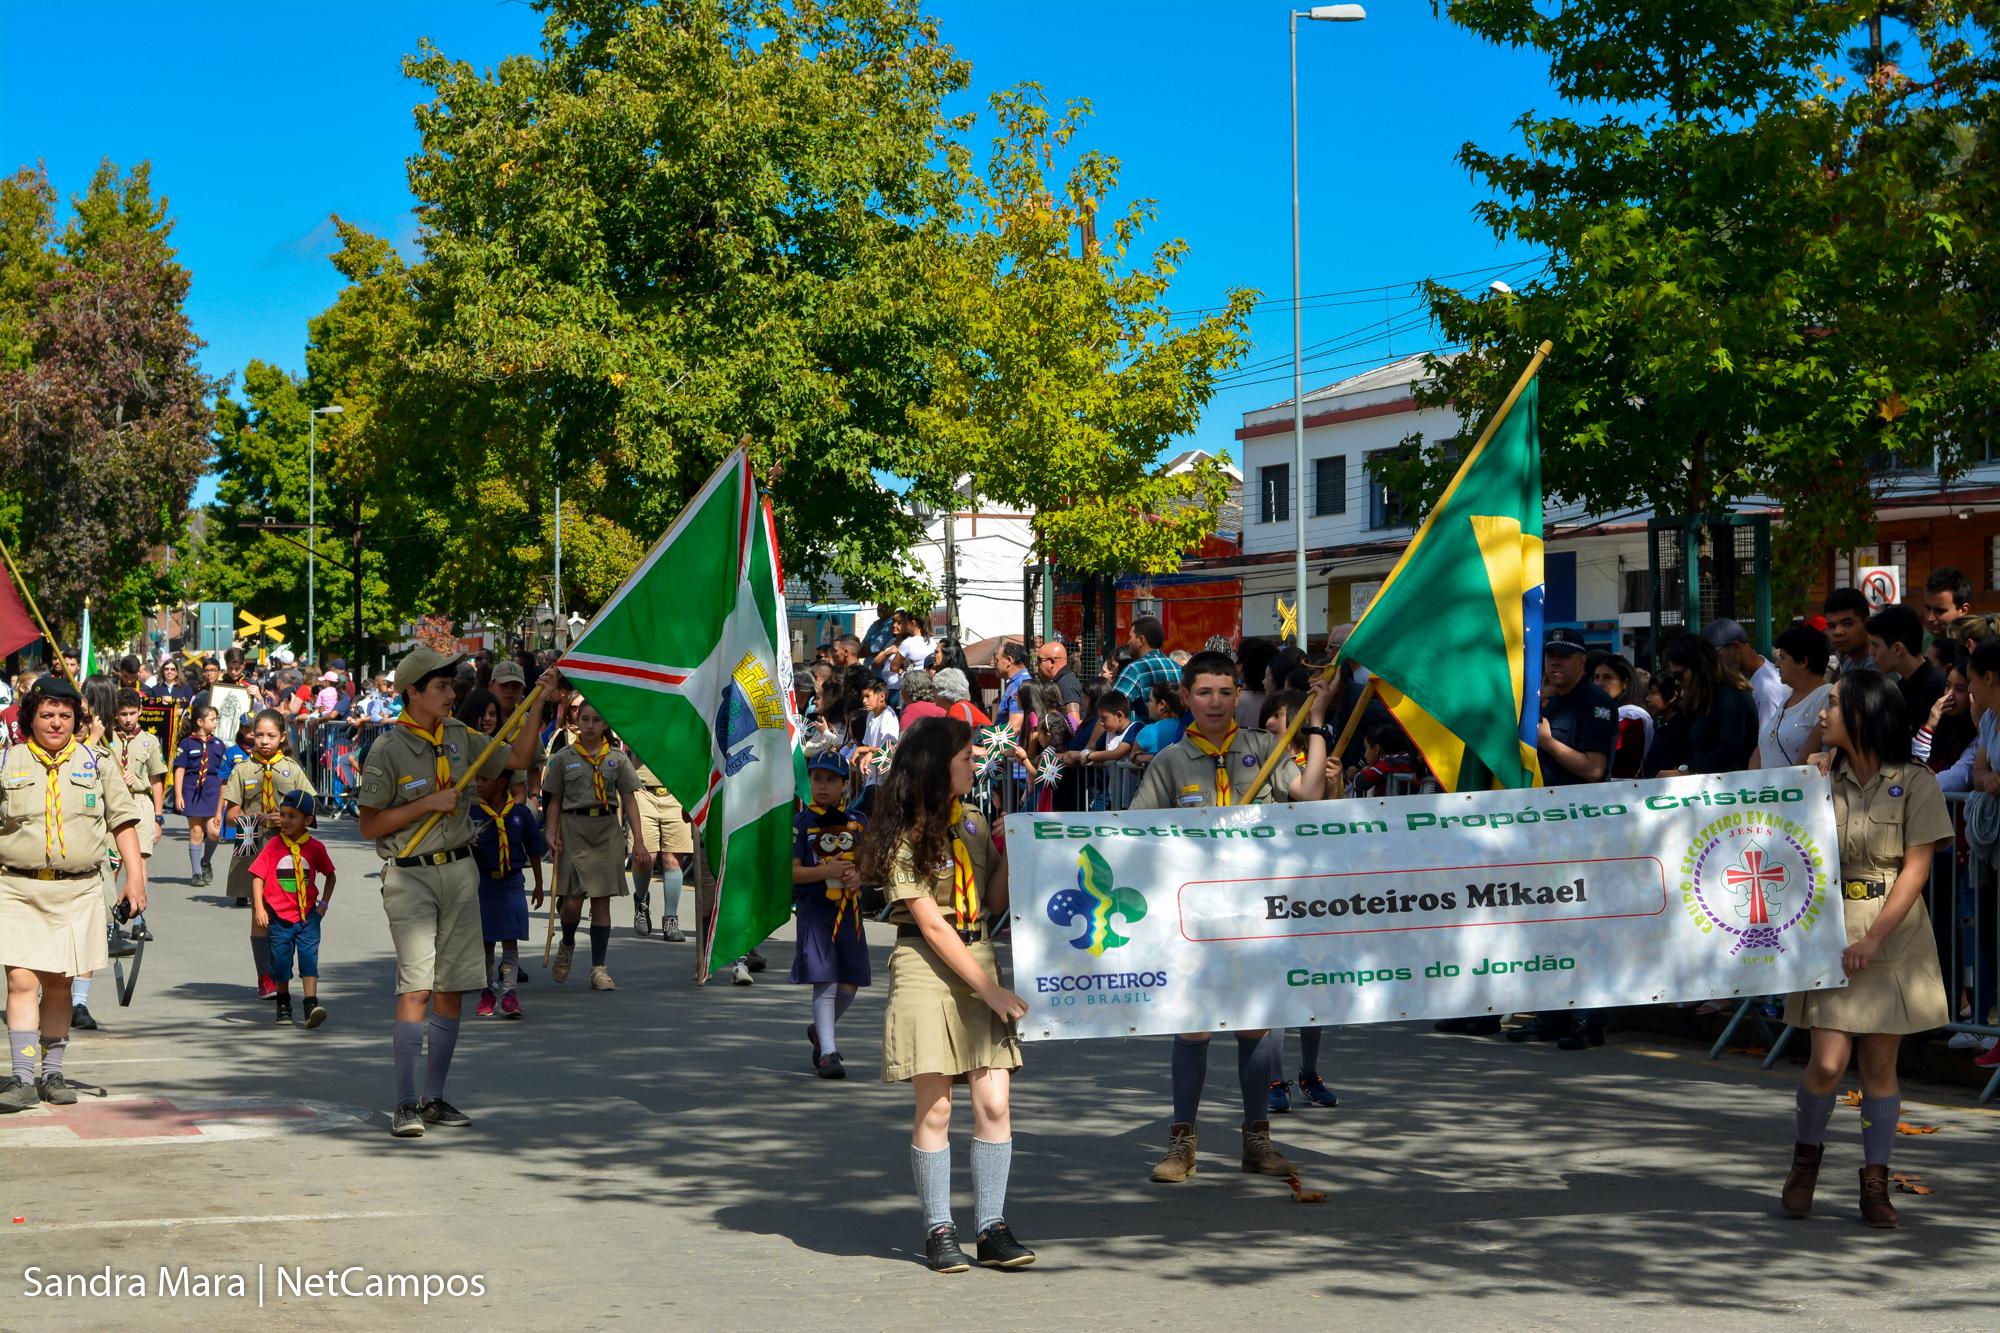 desfile-civico-campos-do-jordao-122